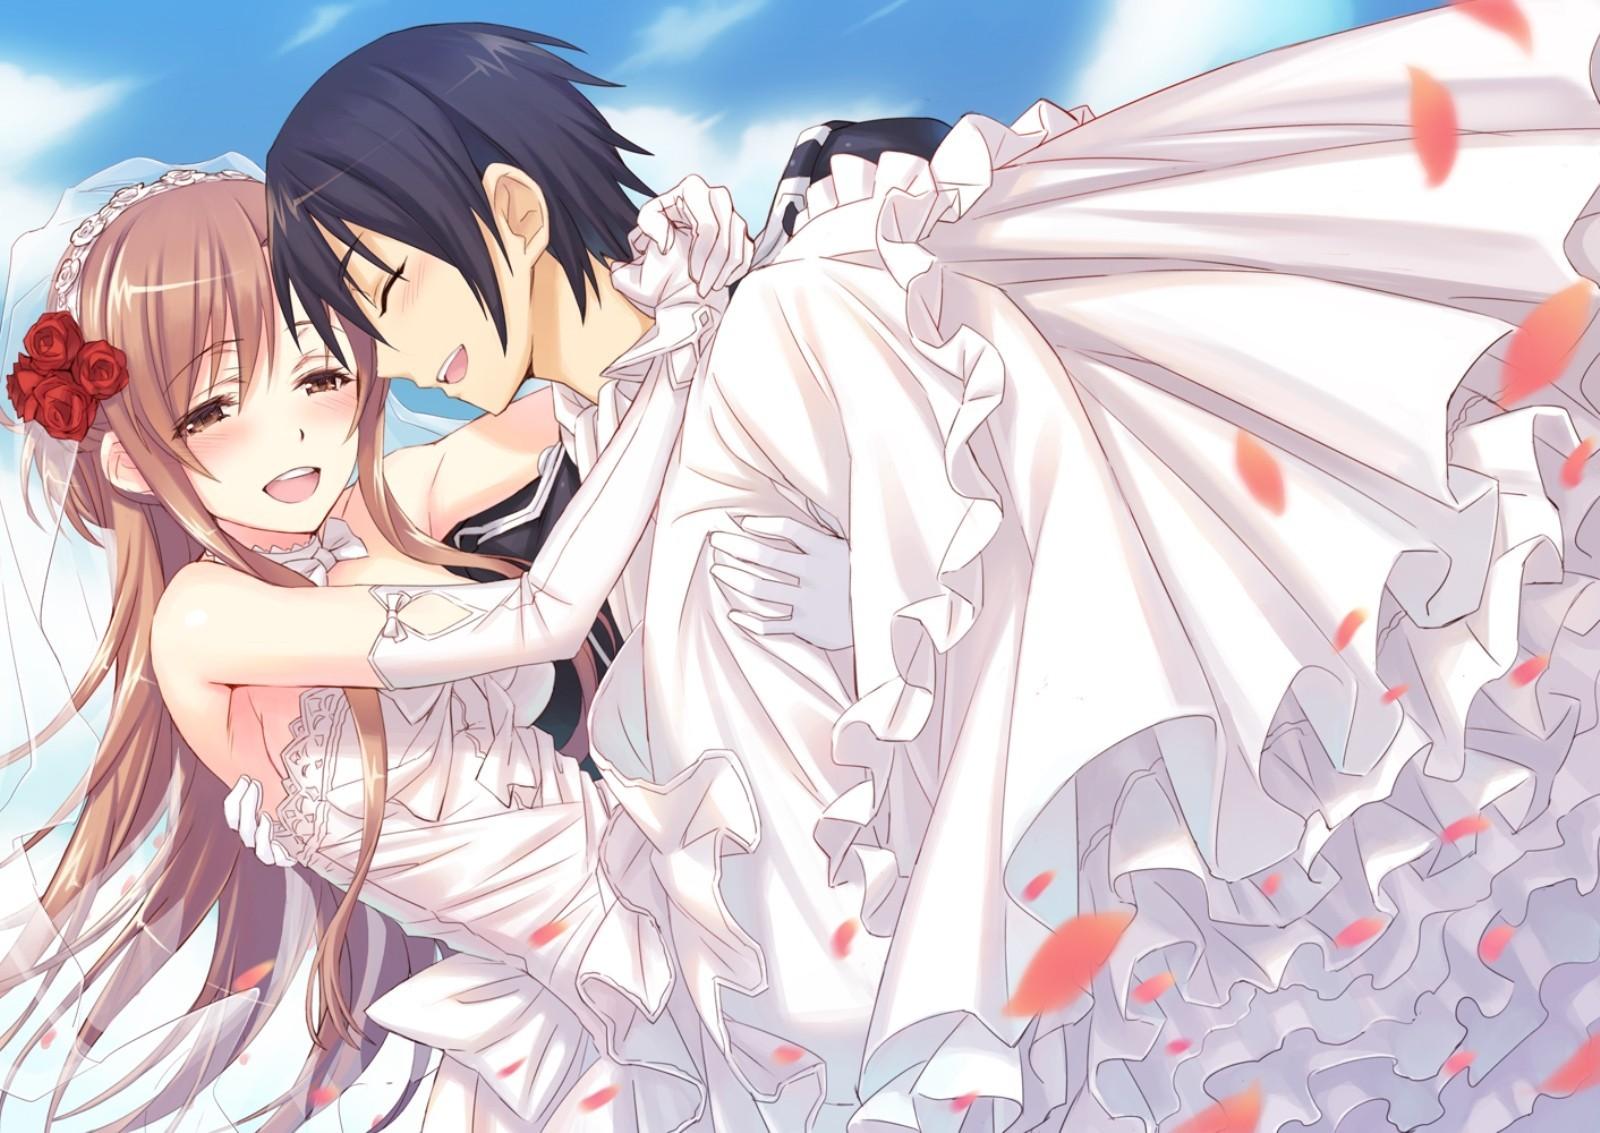 桐人和亚丝娜动态图_谁有刀剑神域官方出的亚丝娜和桐人穿着结婚礼服的大图_百度知道